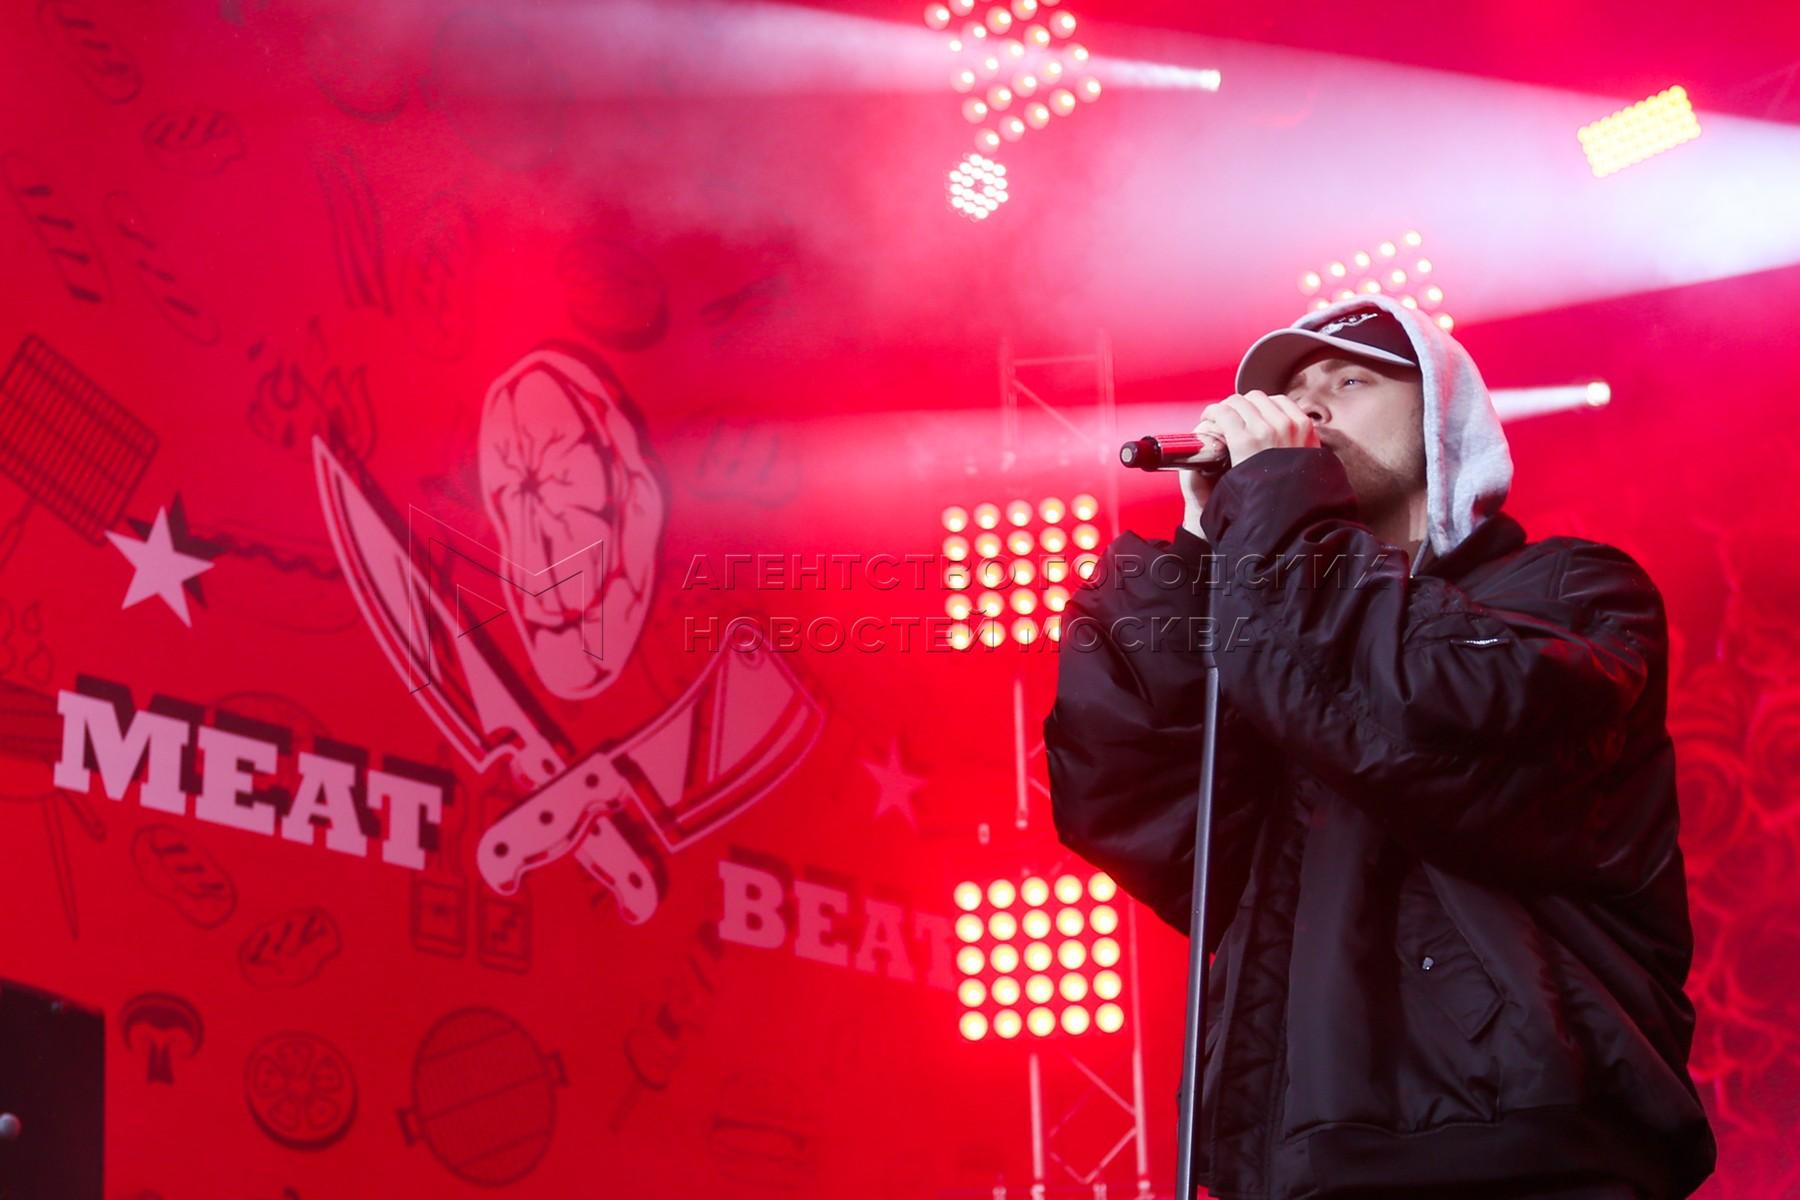 Певец Егор Крид во время выступления на музыкально-гастрономический фестиваль Meat&Beat в Парке Горького.